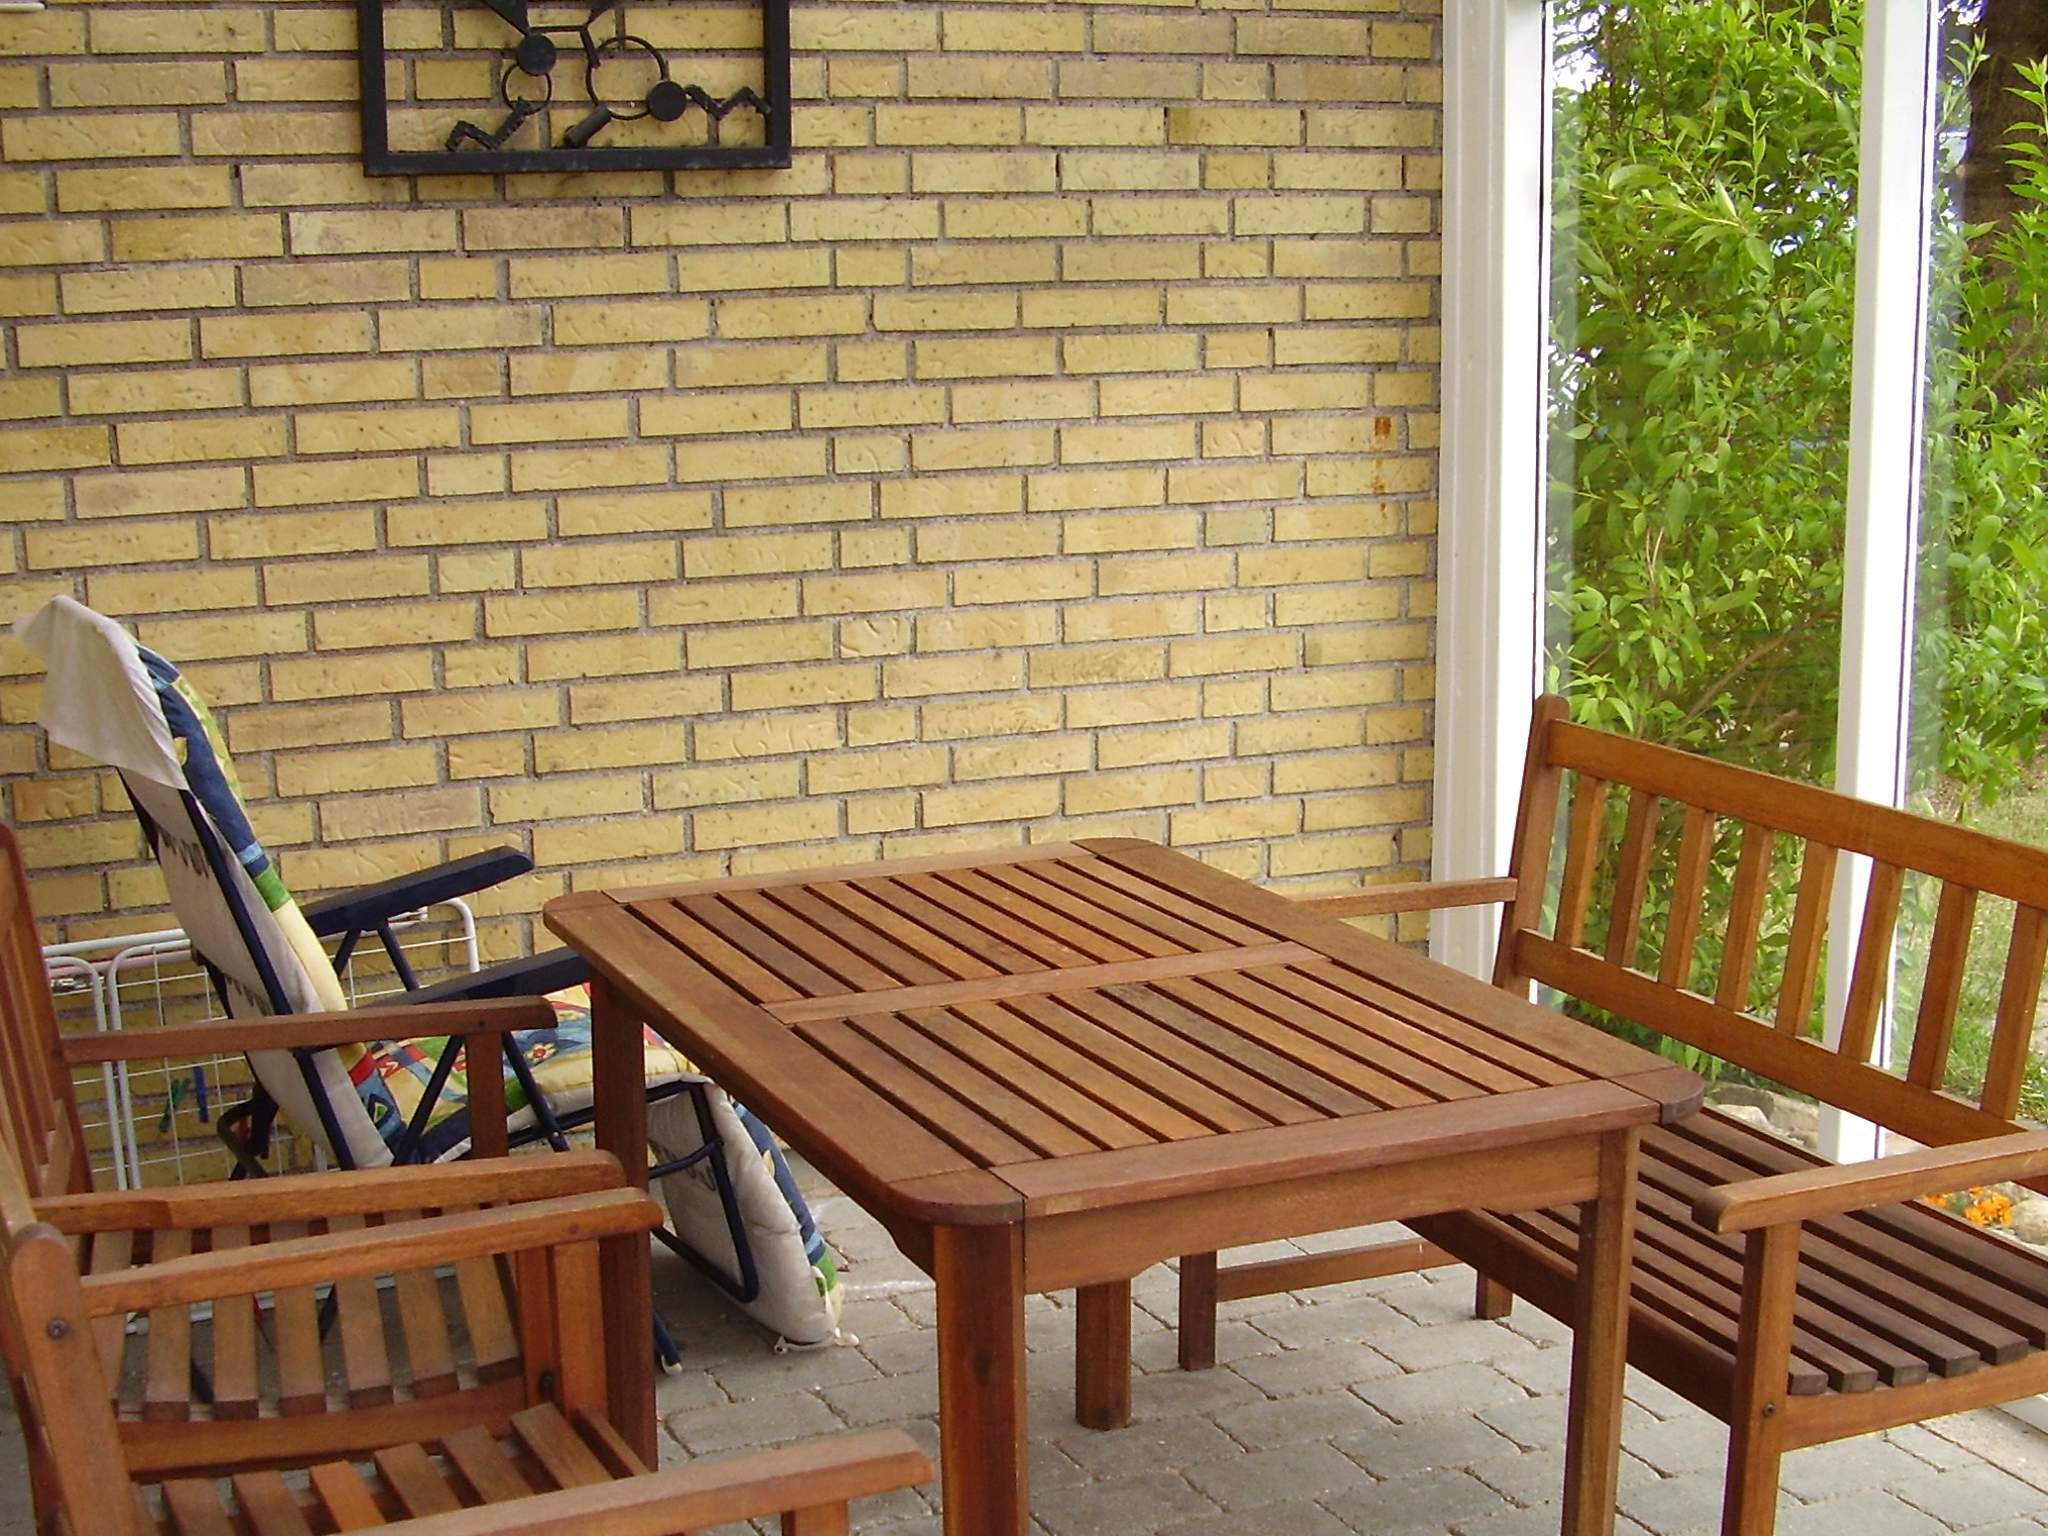 Ferienhaus Hummingen (125876), Hummingen, , Lolland, Dänemark, Bild 23